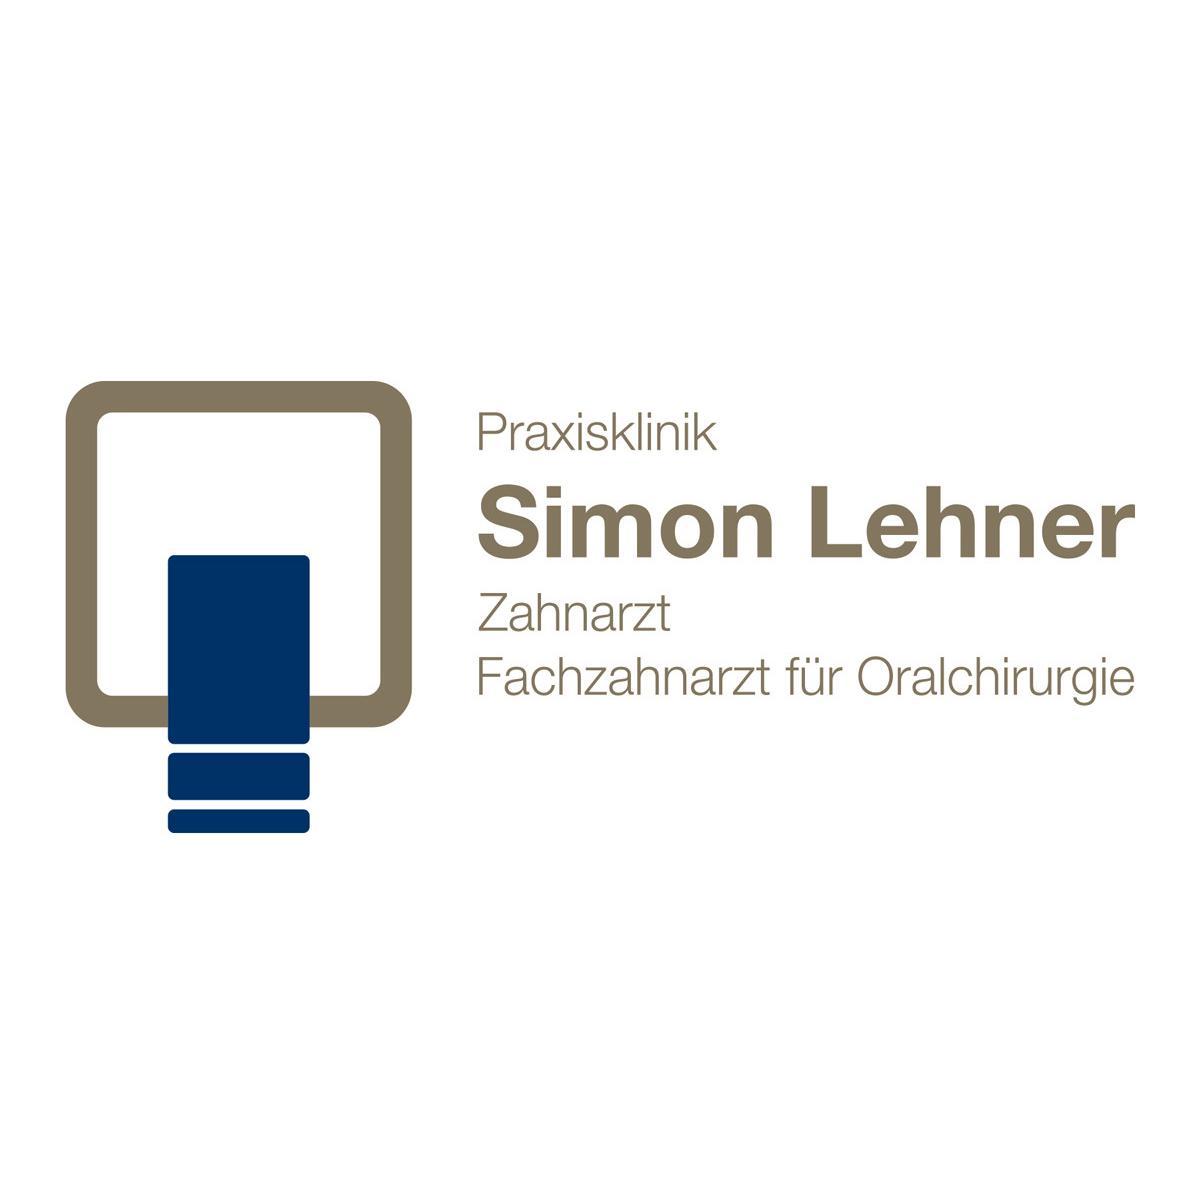 Bild zu Zahnarzt & Fachzahnarzt für Oralchirurgie Simon Lehner in Ravensburg